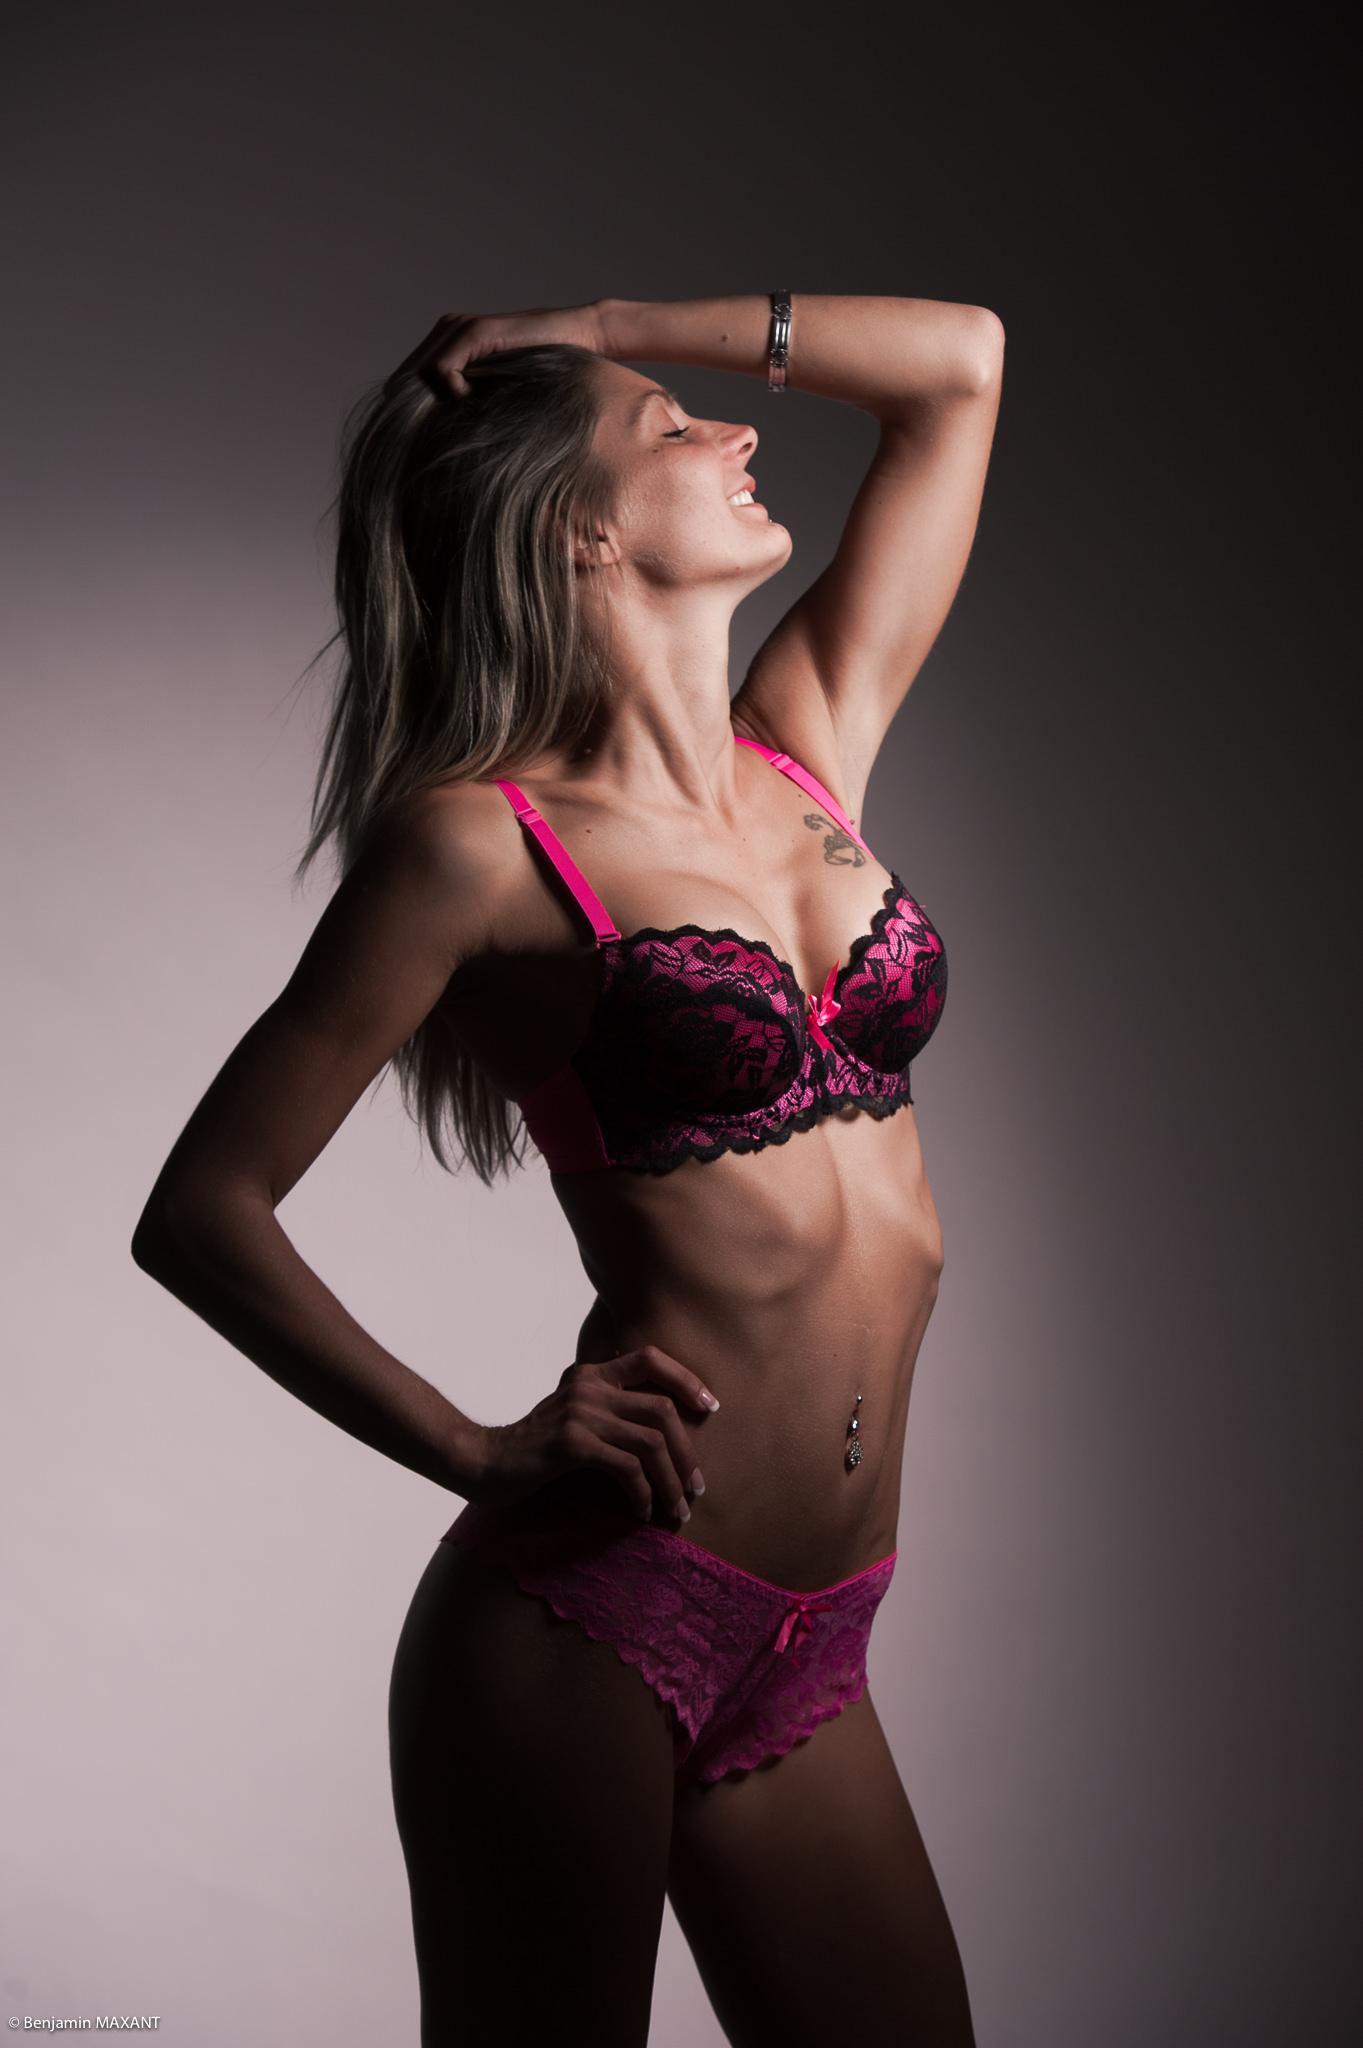 Séance photo lingerie en studio avec Emeline - ensemble rose violet